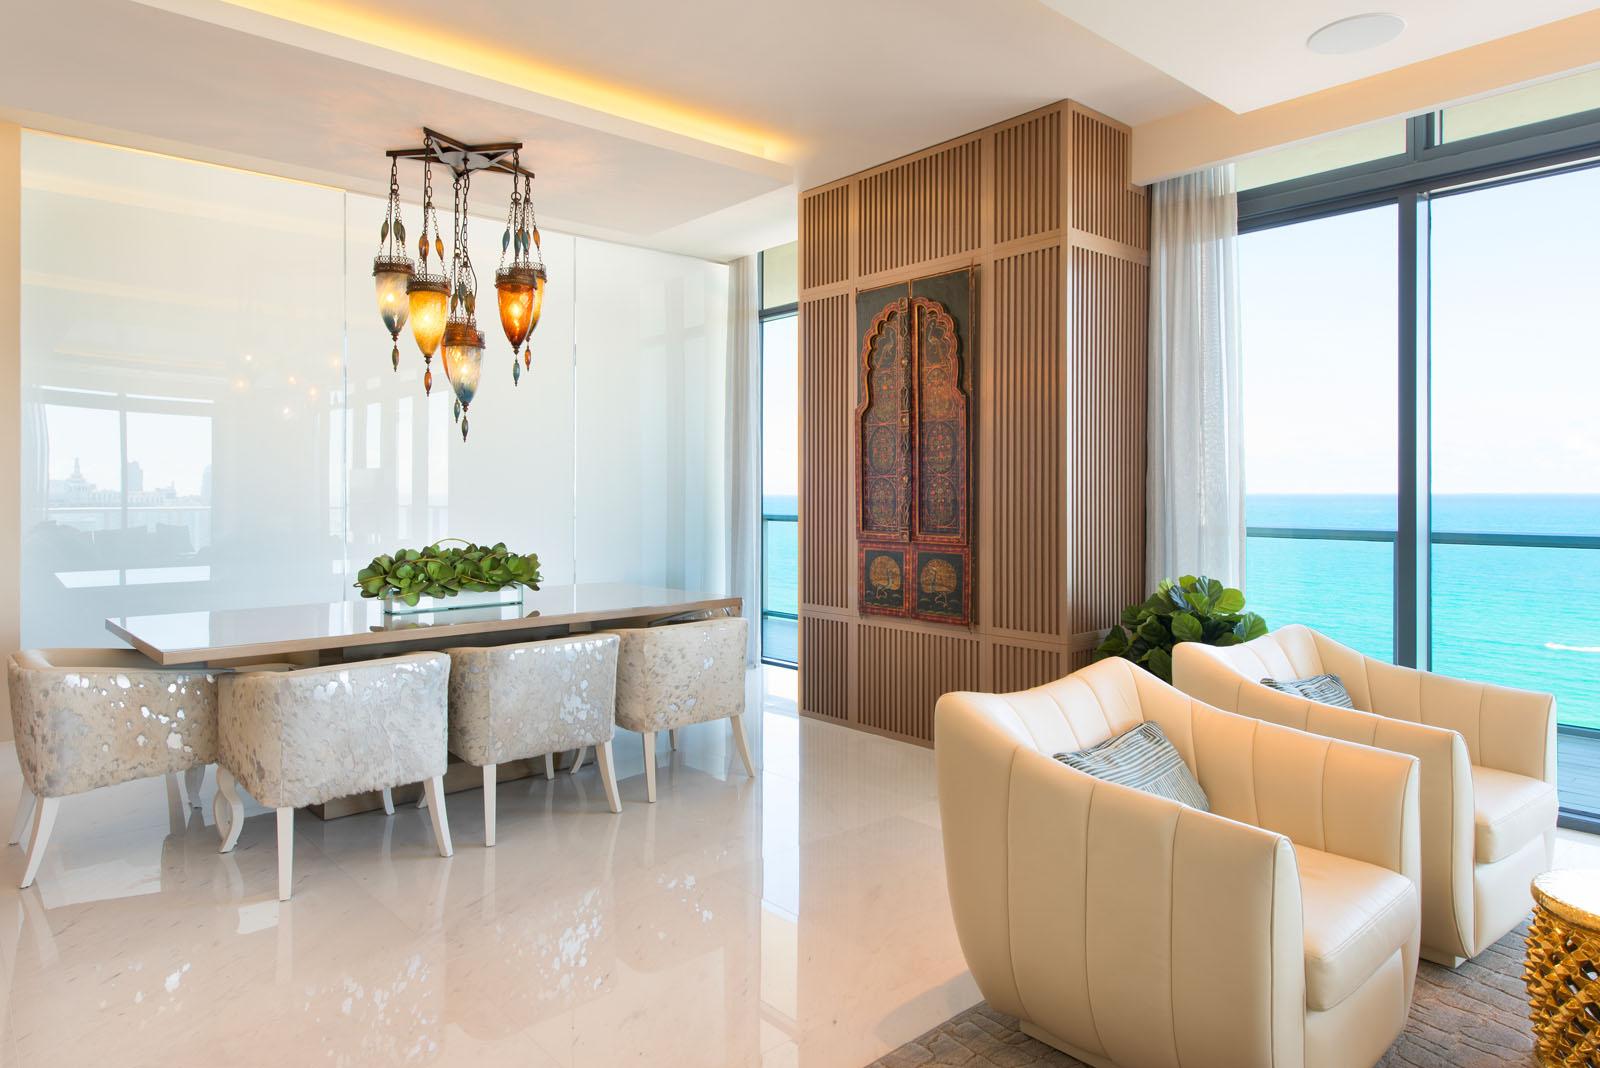 18-Dining_Room